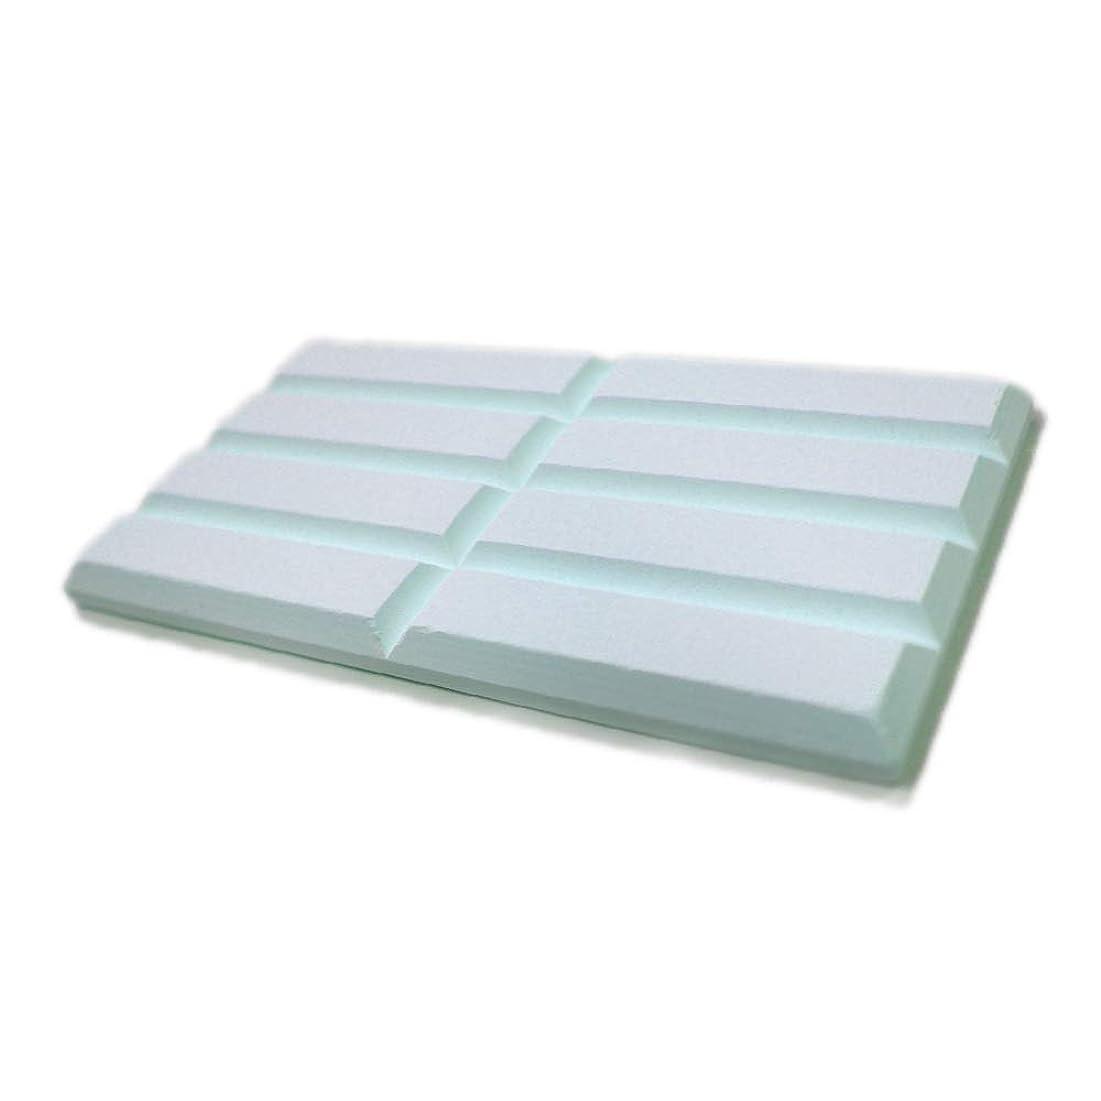 申請中カーテン典型的なWEIMALL 珪藻土 ブロック サイズ:(約)120mm×64mm×6mm(8pcs) 56g ブルー